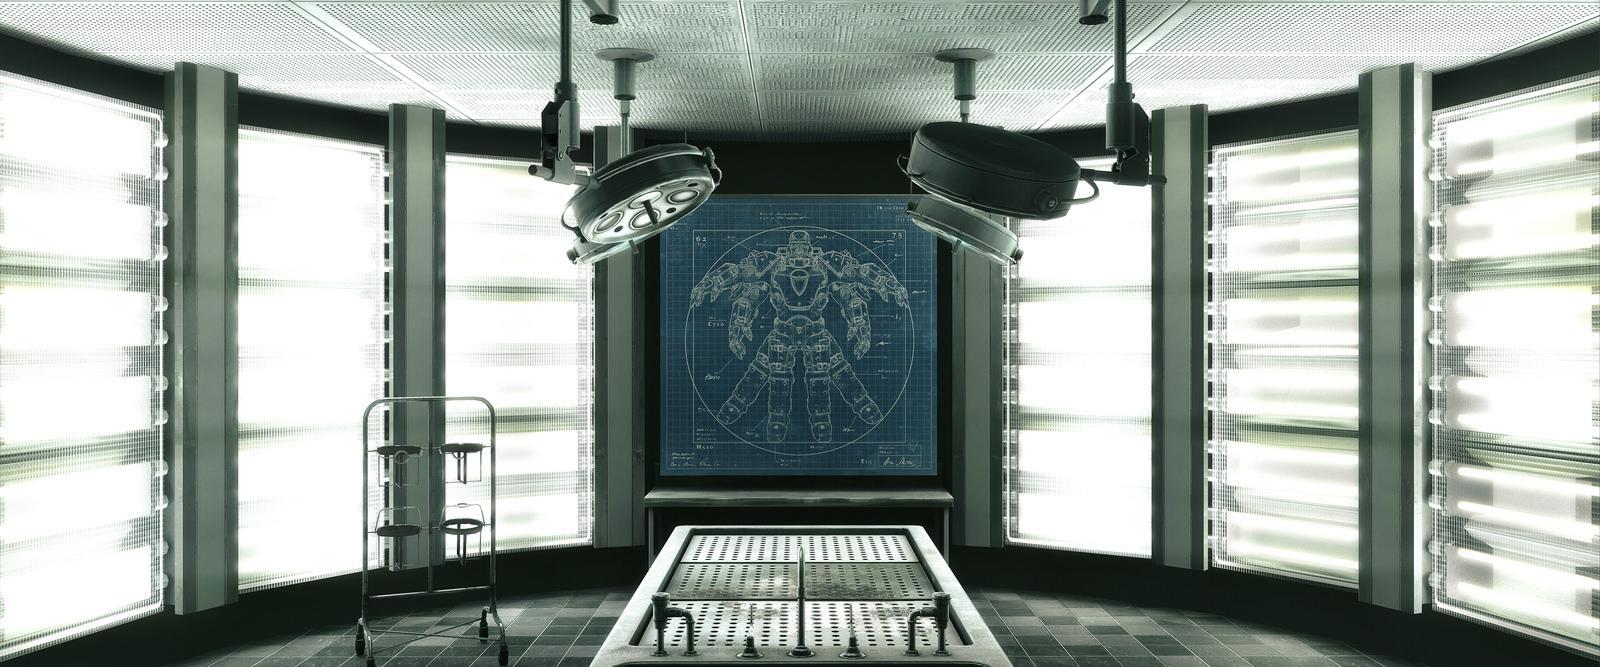 德军总部新秩序游戏壁纸放出 优美画质令人